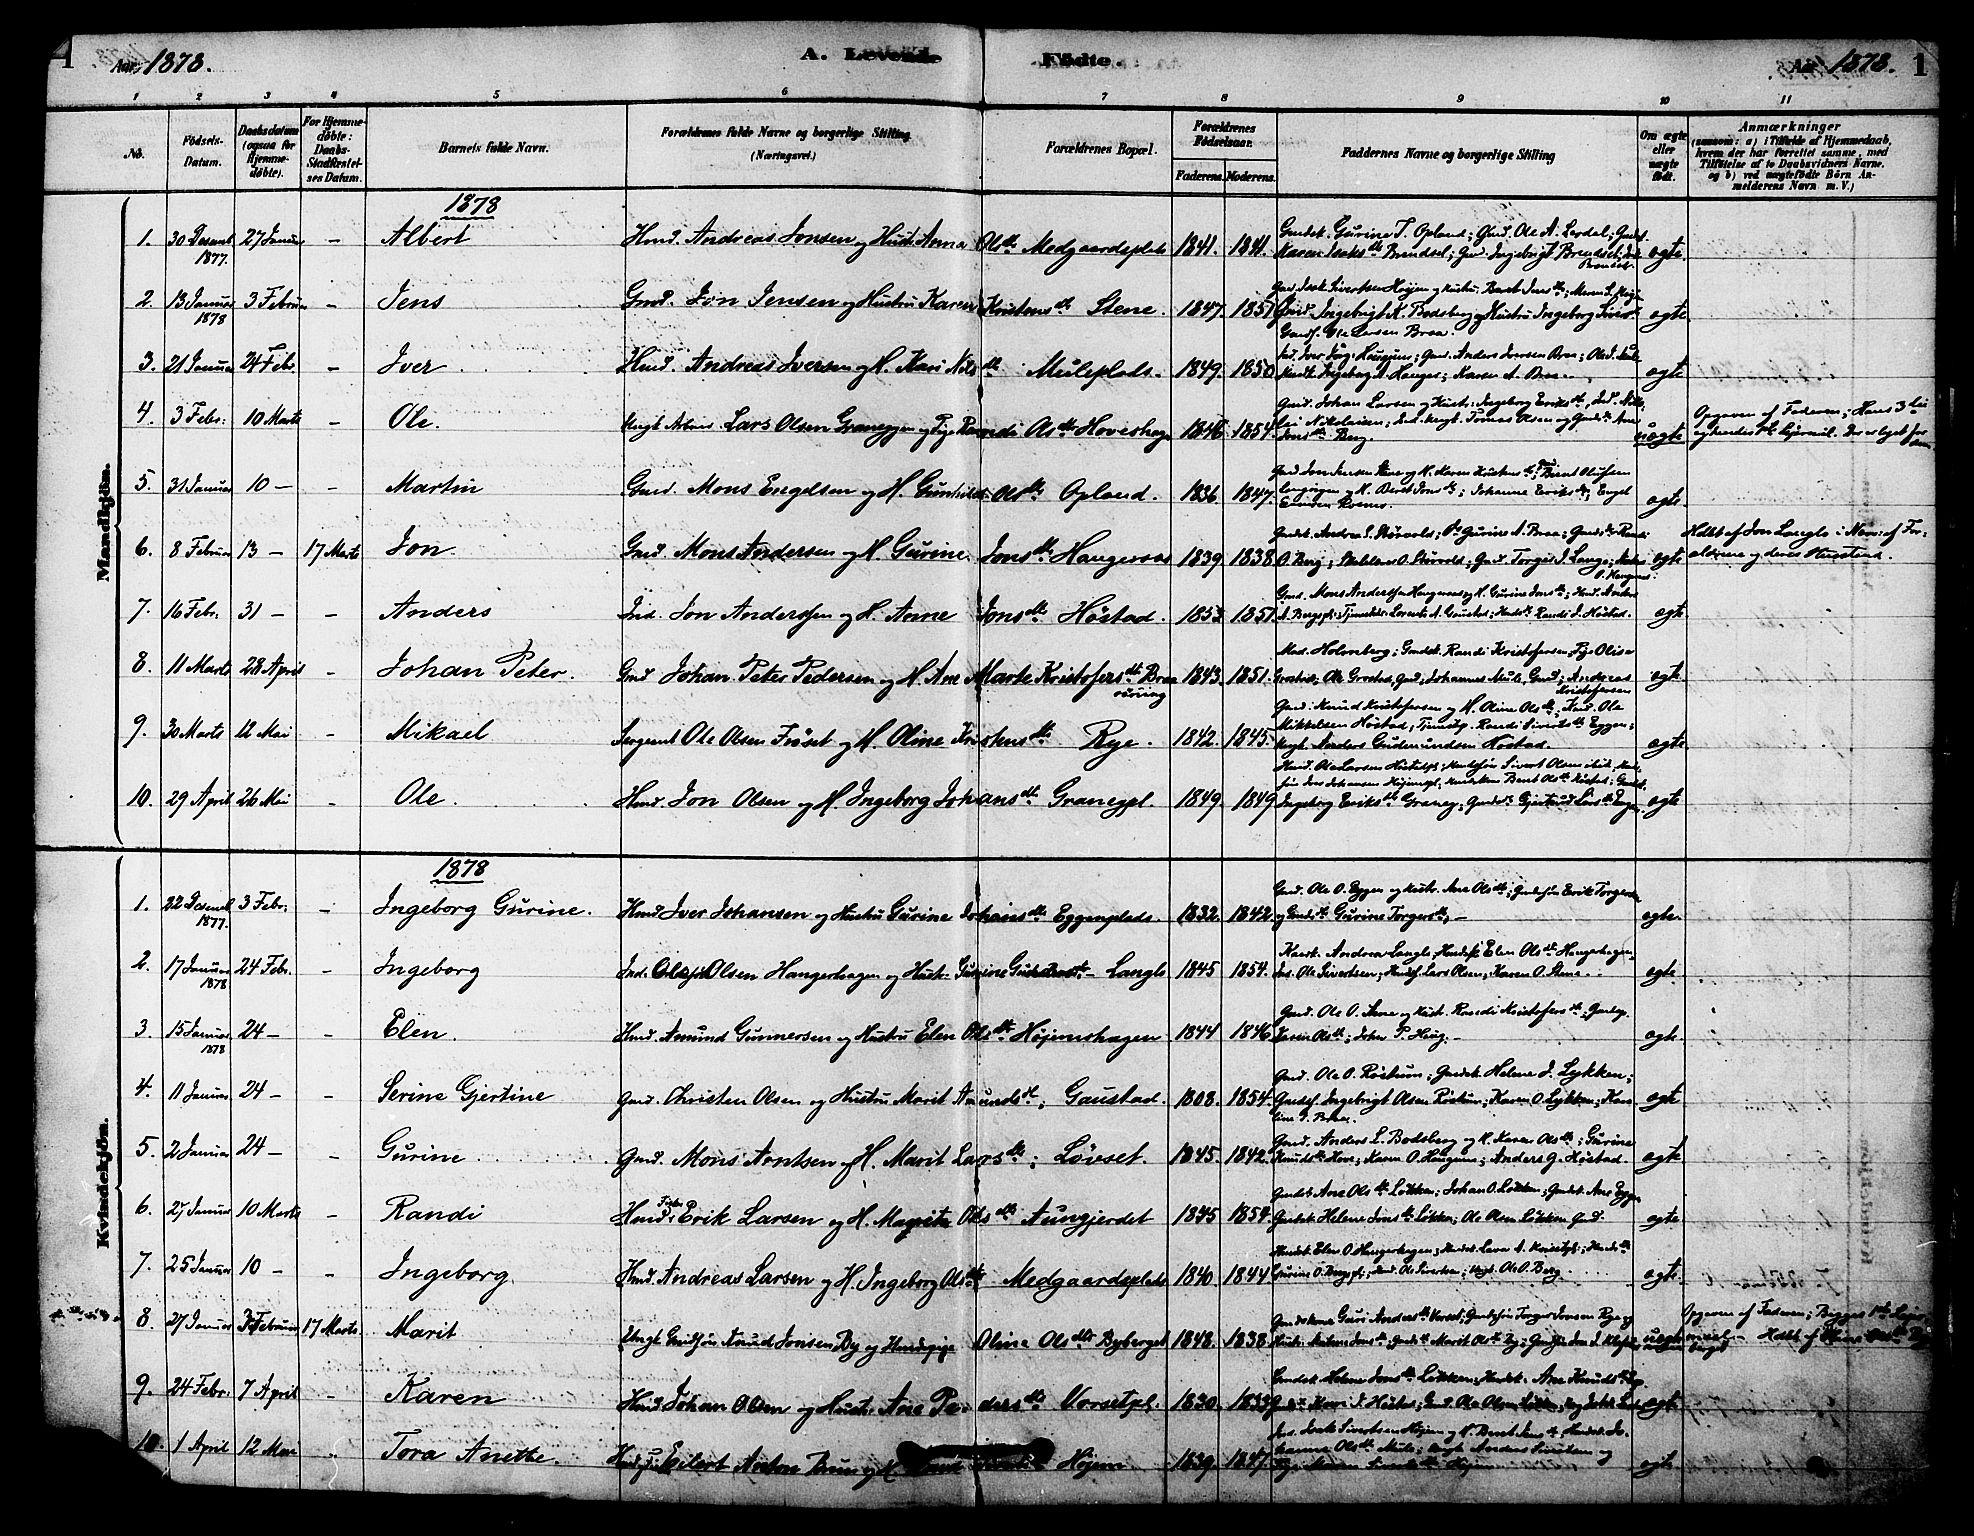 SAT, Ministerialprotokoller, klokkerbøker og fødselsregistre - Sør-Trøndelag, 612/L0378: Ministerialbok nr. 612A10, 1878-1897, s. 1